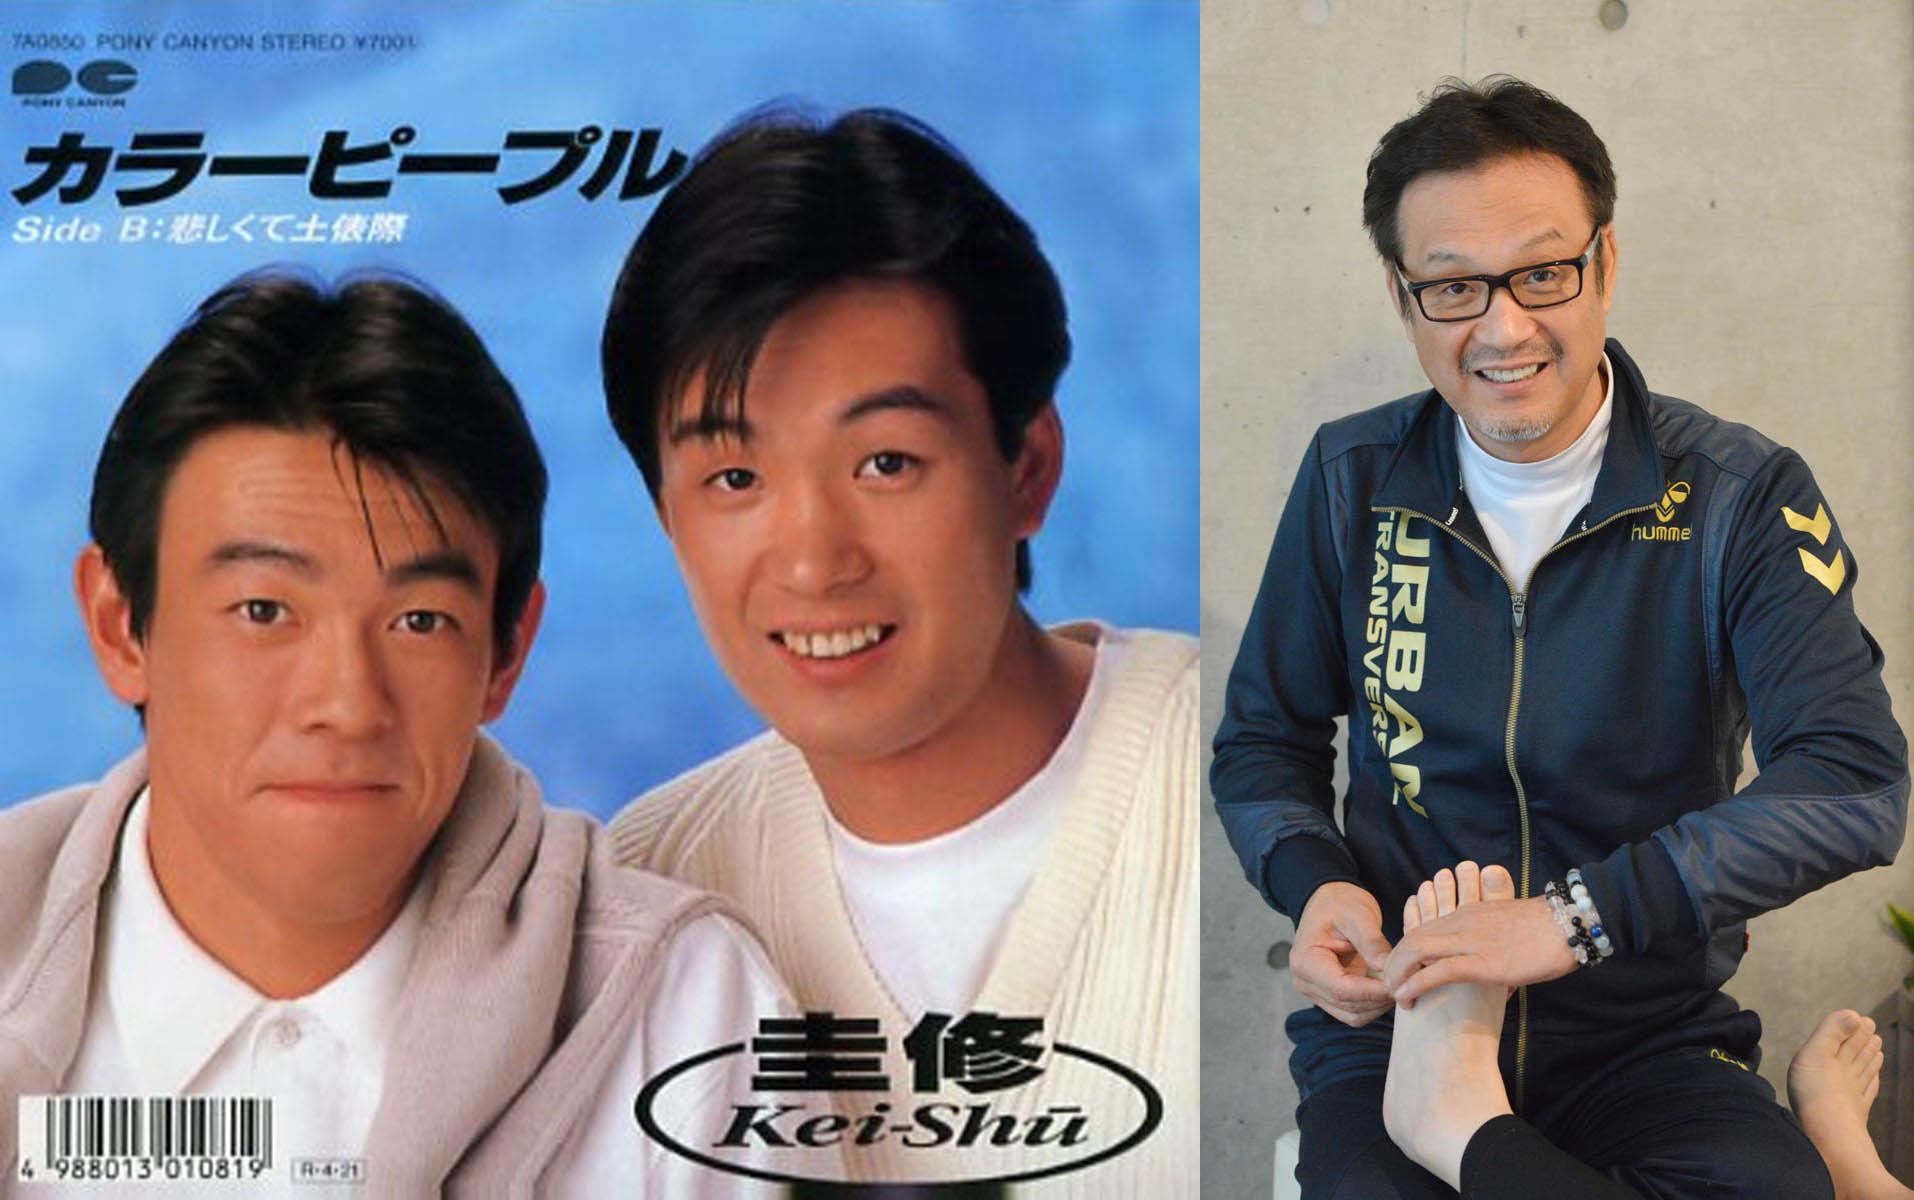 発売したレコードのジャケットと、現在の和泉修さん(C)日刊ゲンダイ